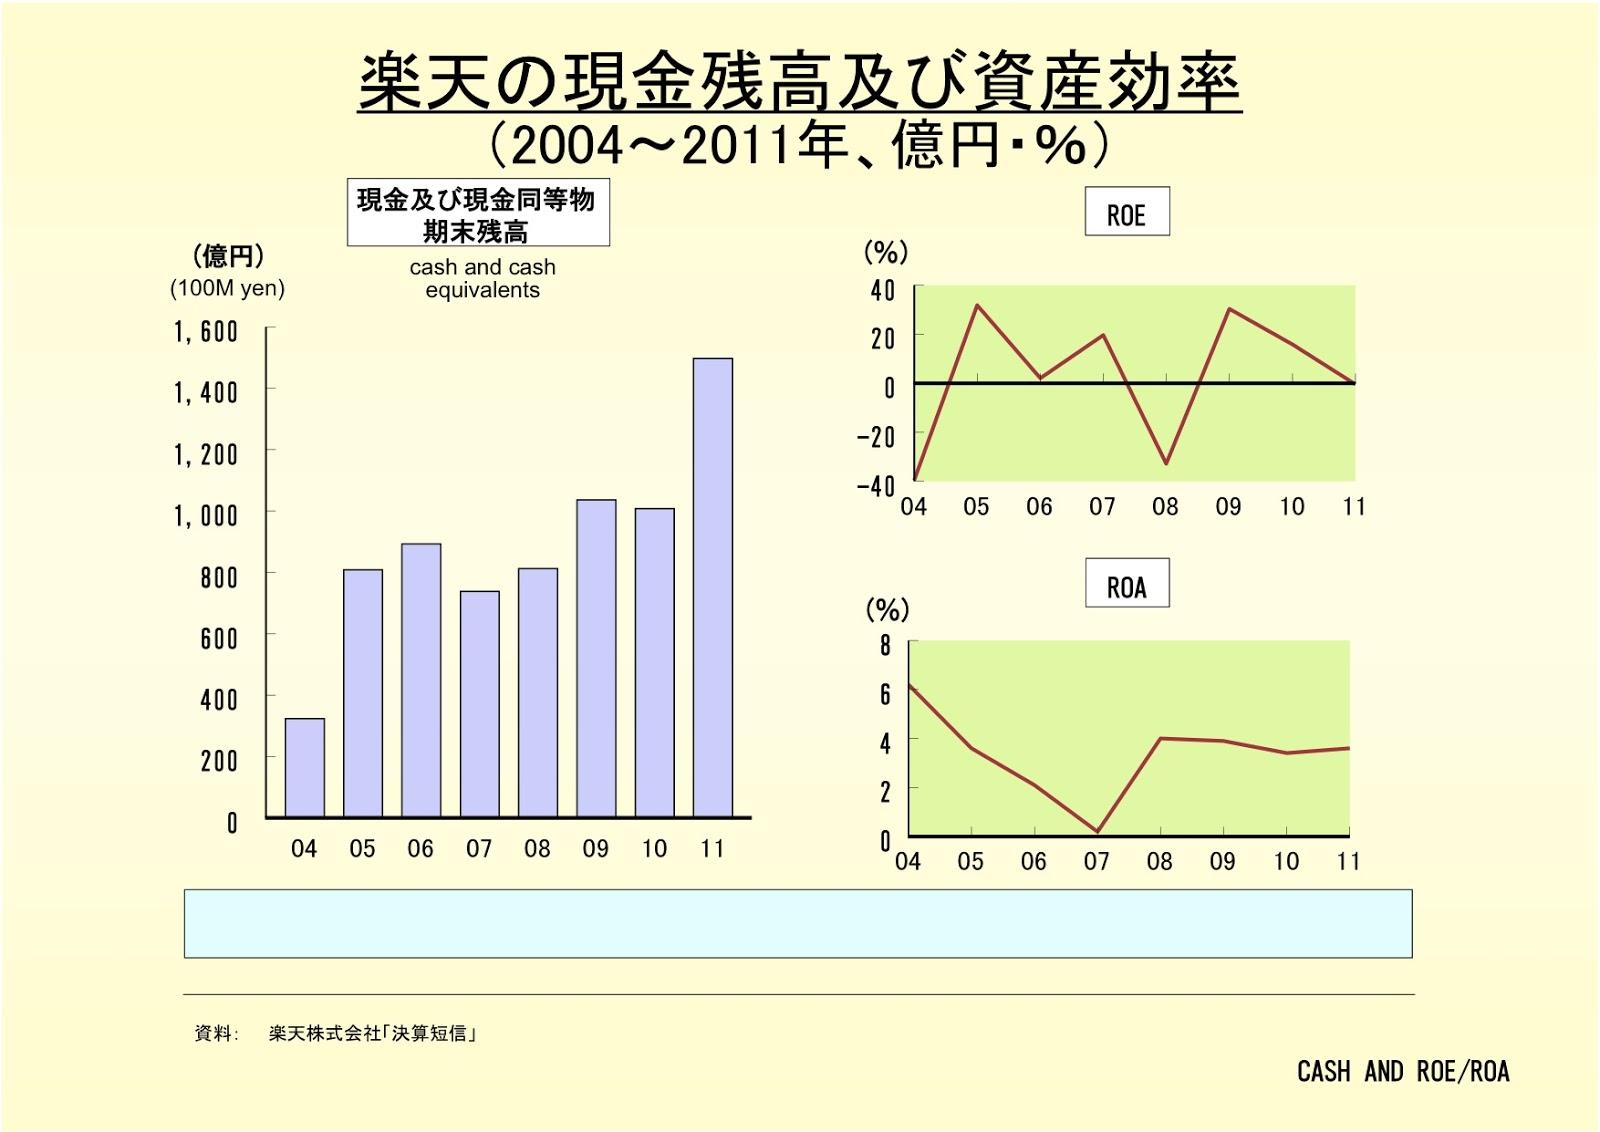 楽天株式会社の現金残高及び資産効率